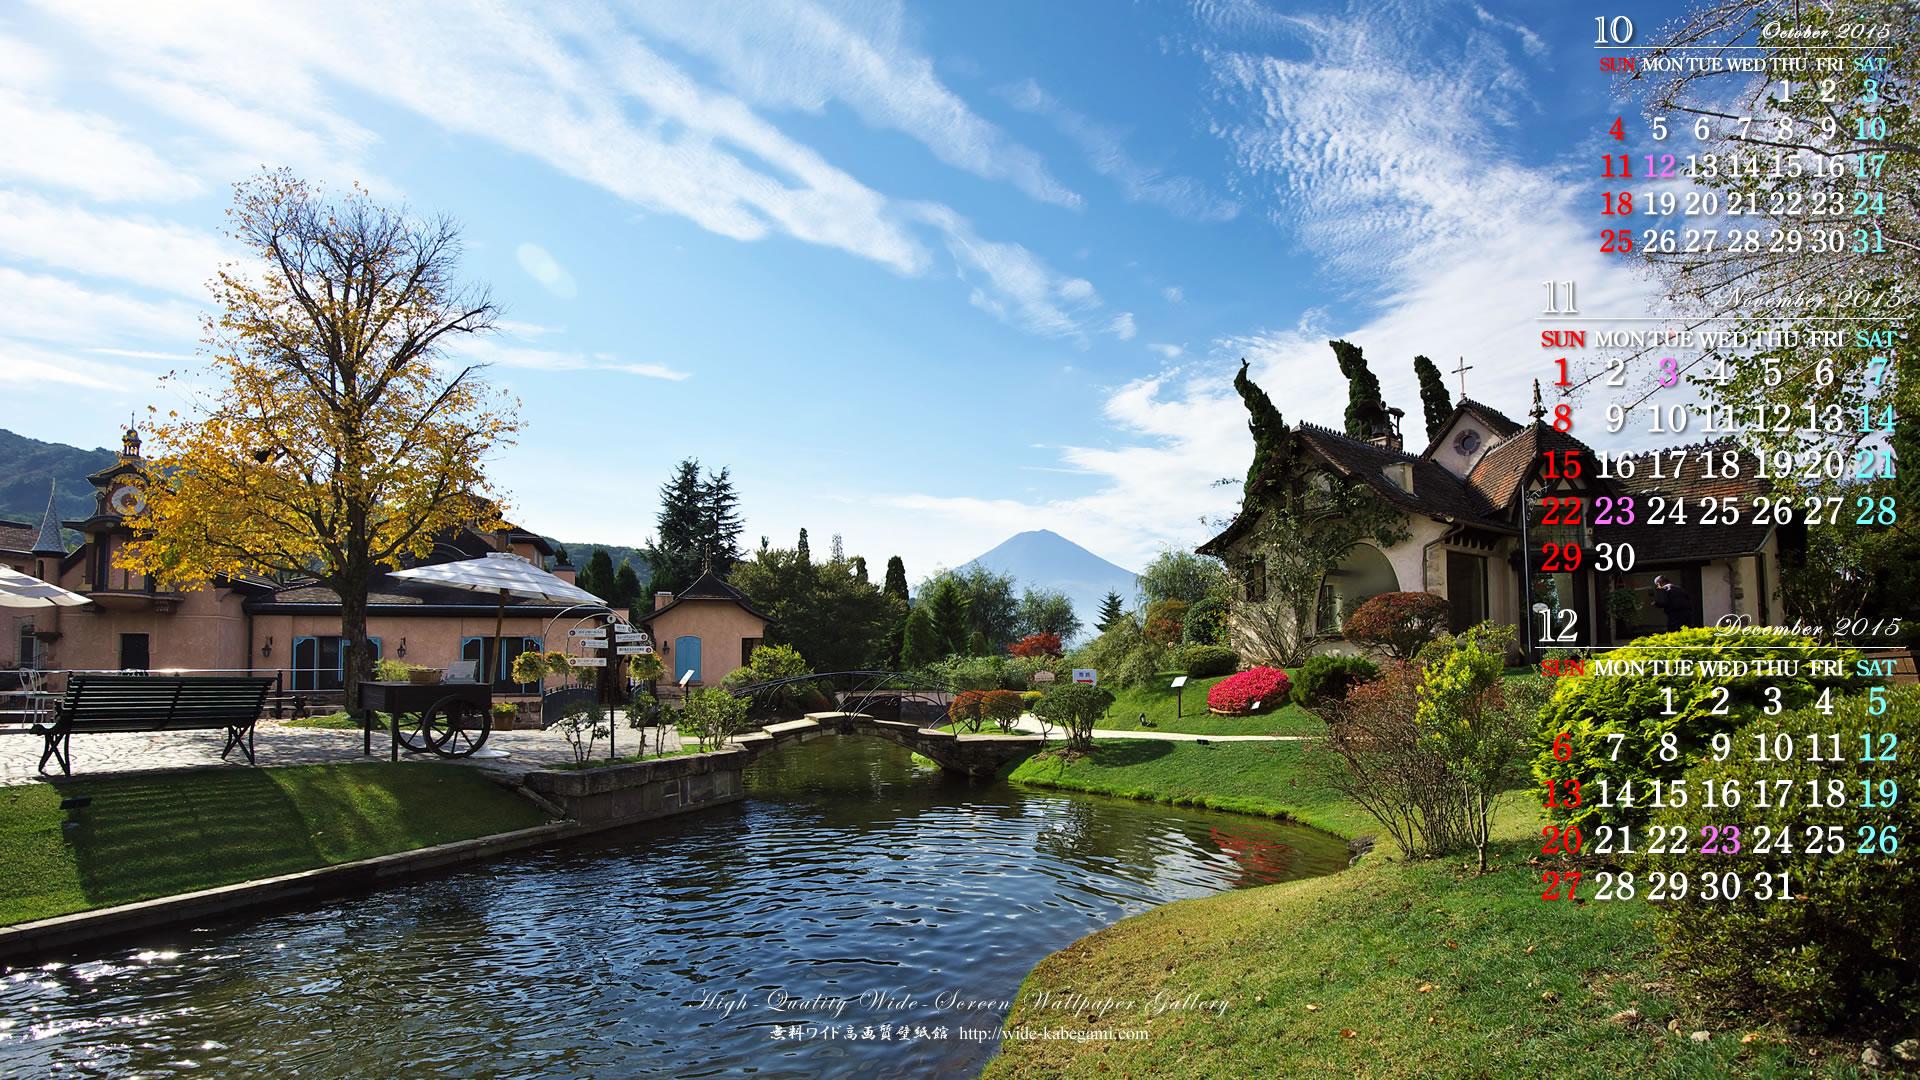 15年11月の前月表示の3ヶ月ワイド壁紙カレンダー 19x1080 富士山の見える庭園 無料ワイド高画質壁紙館